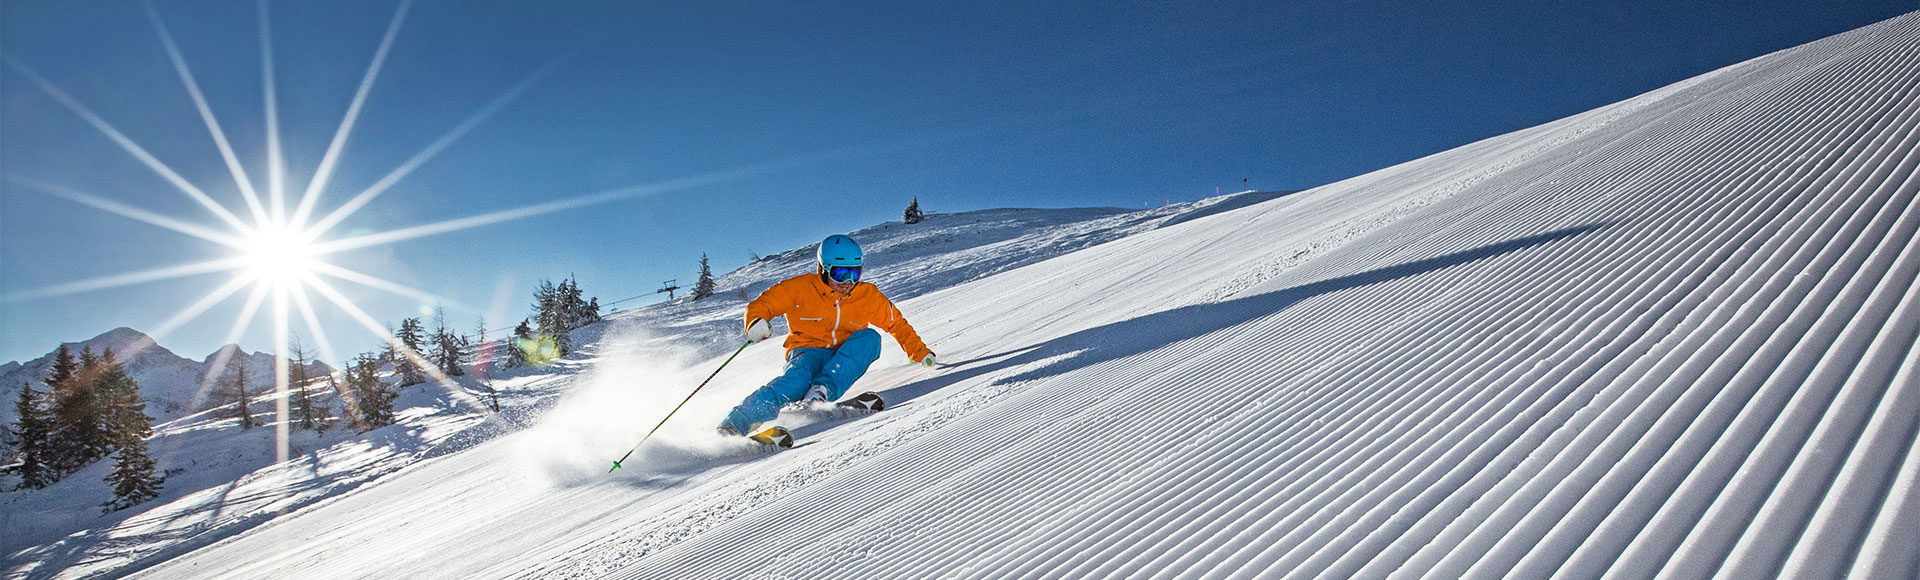 Skifahren auf der Planai, Skiurlaub in Schladming